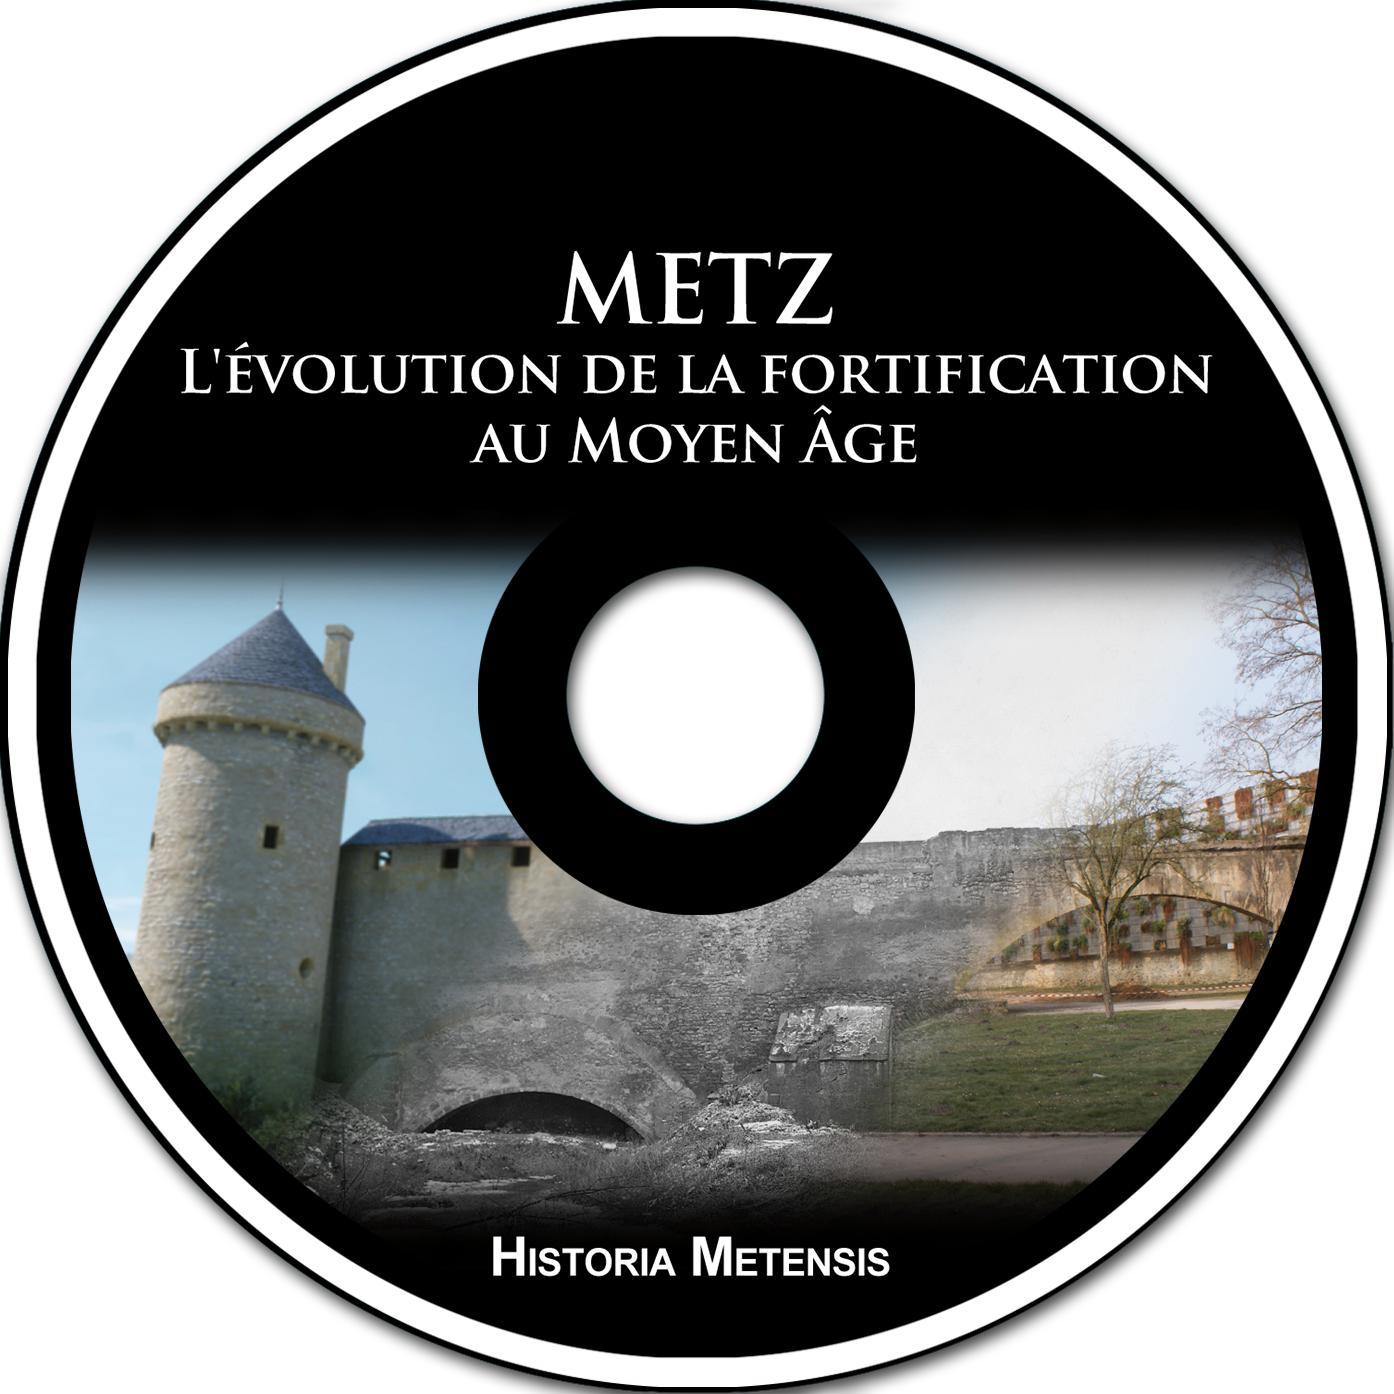 http://historiametensis.eklablog.com/commander-le-dvd-metz-l-evolution-de-la-fortification-a113059624